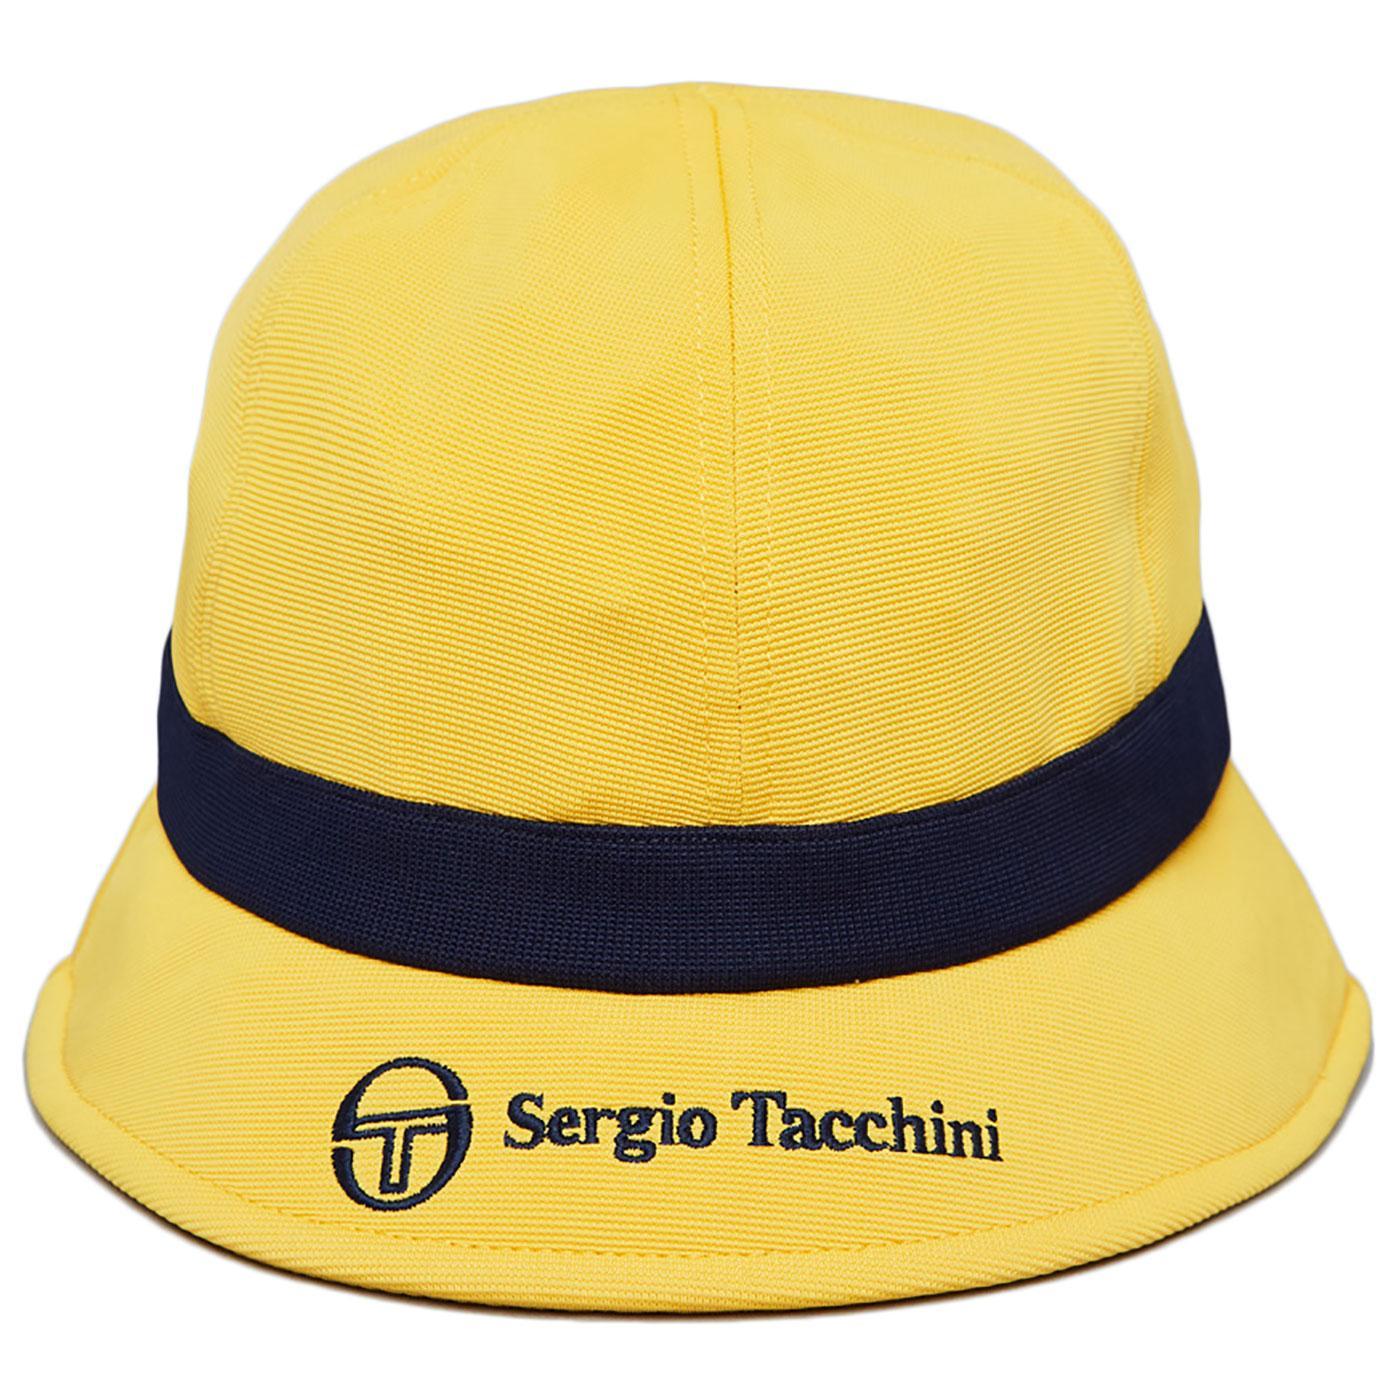 Fyan SERGIO TACCHINI Retro 1990s Bucket Hat (Y/N)